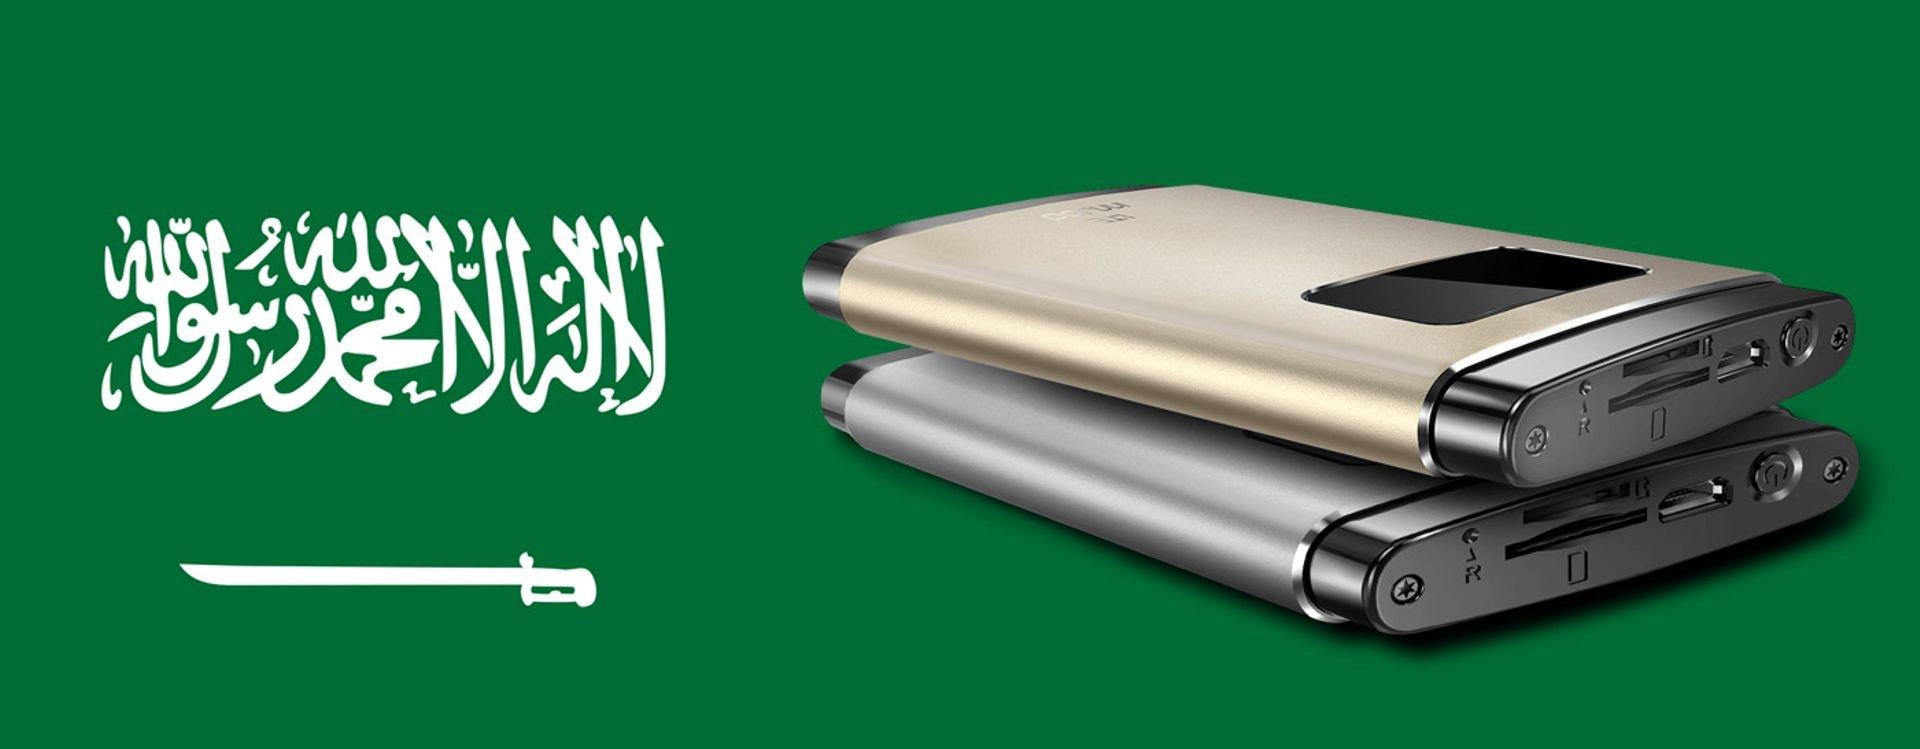 أكثر أجهزة الراوتر شيوعاً في المملكة العربية السعودية